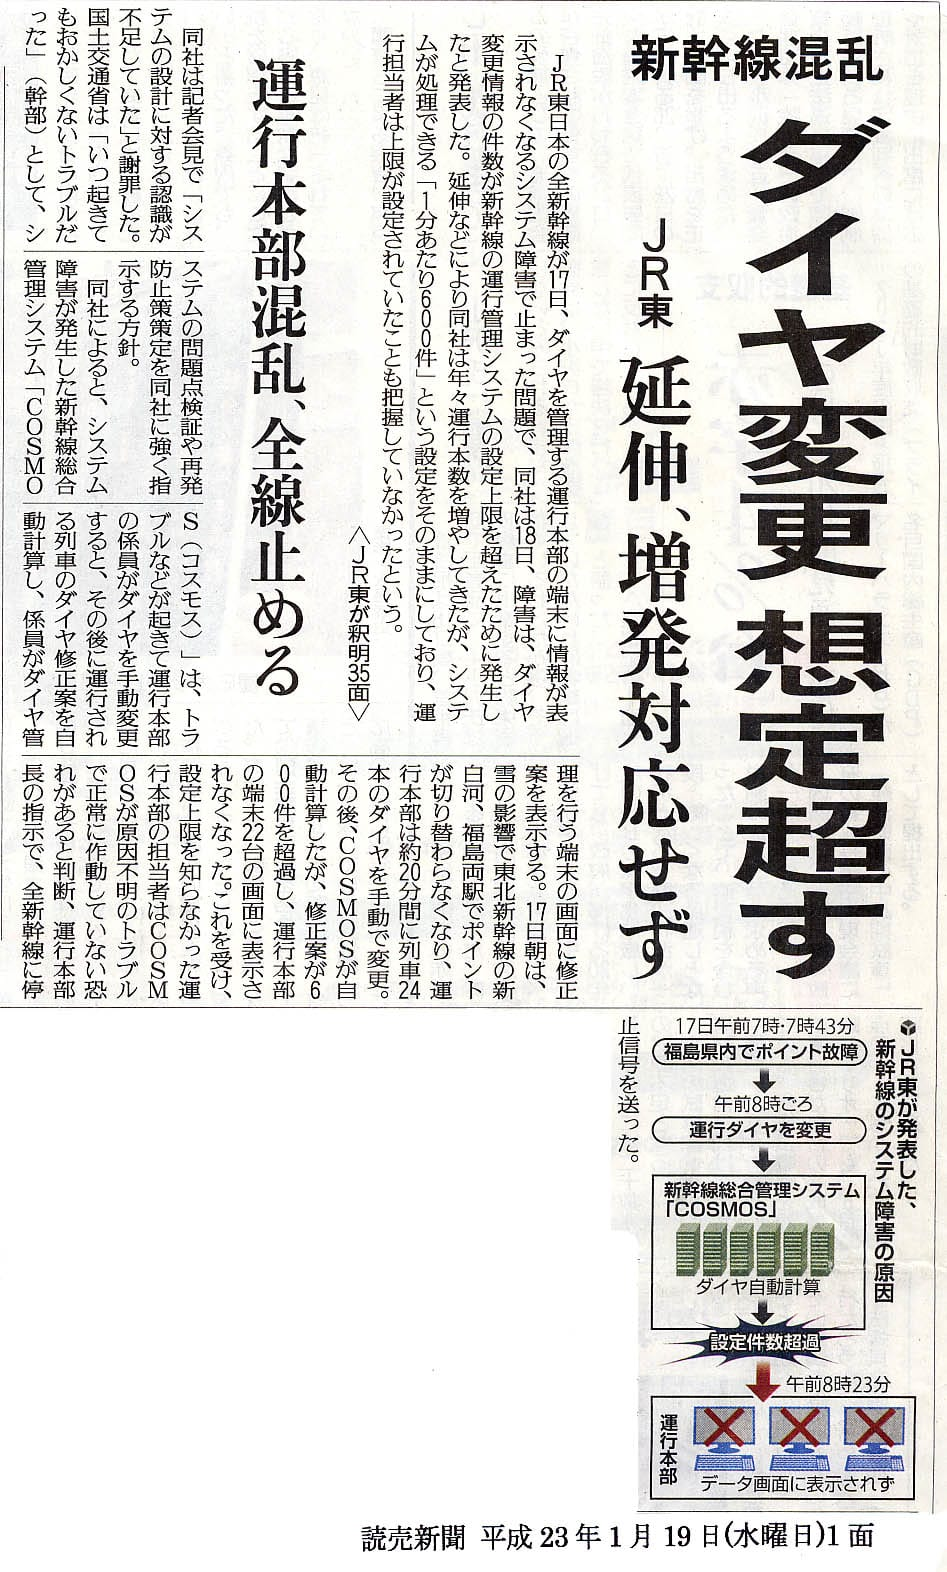 新幹線混乱「ダイヤ変更 想定超す」 初歩的ミスだから深刻、危機管理は ...